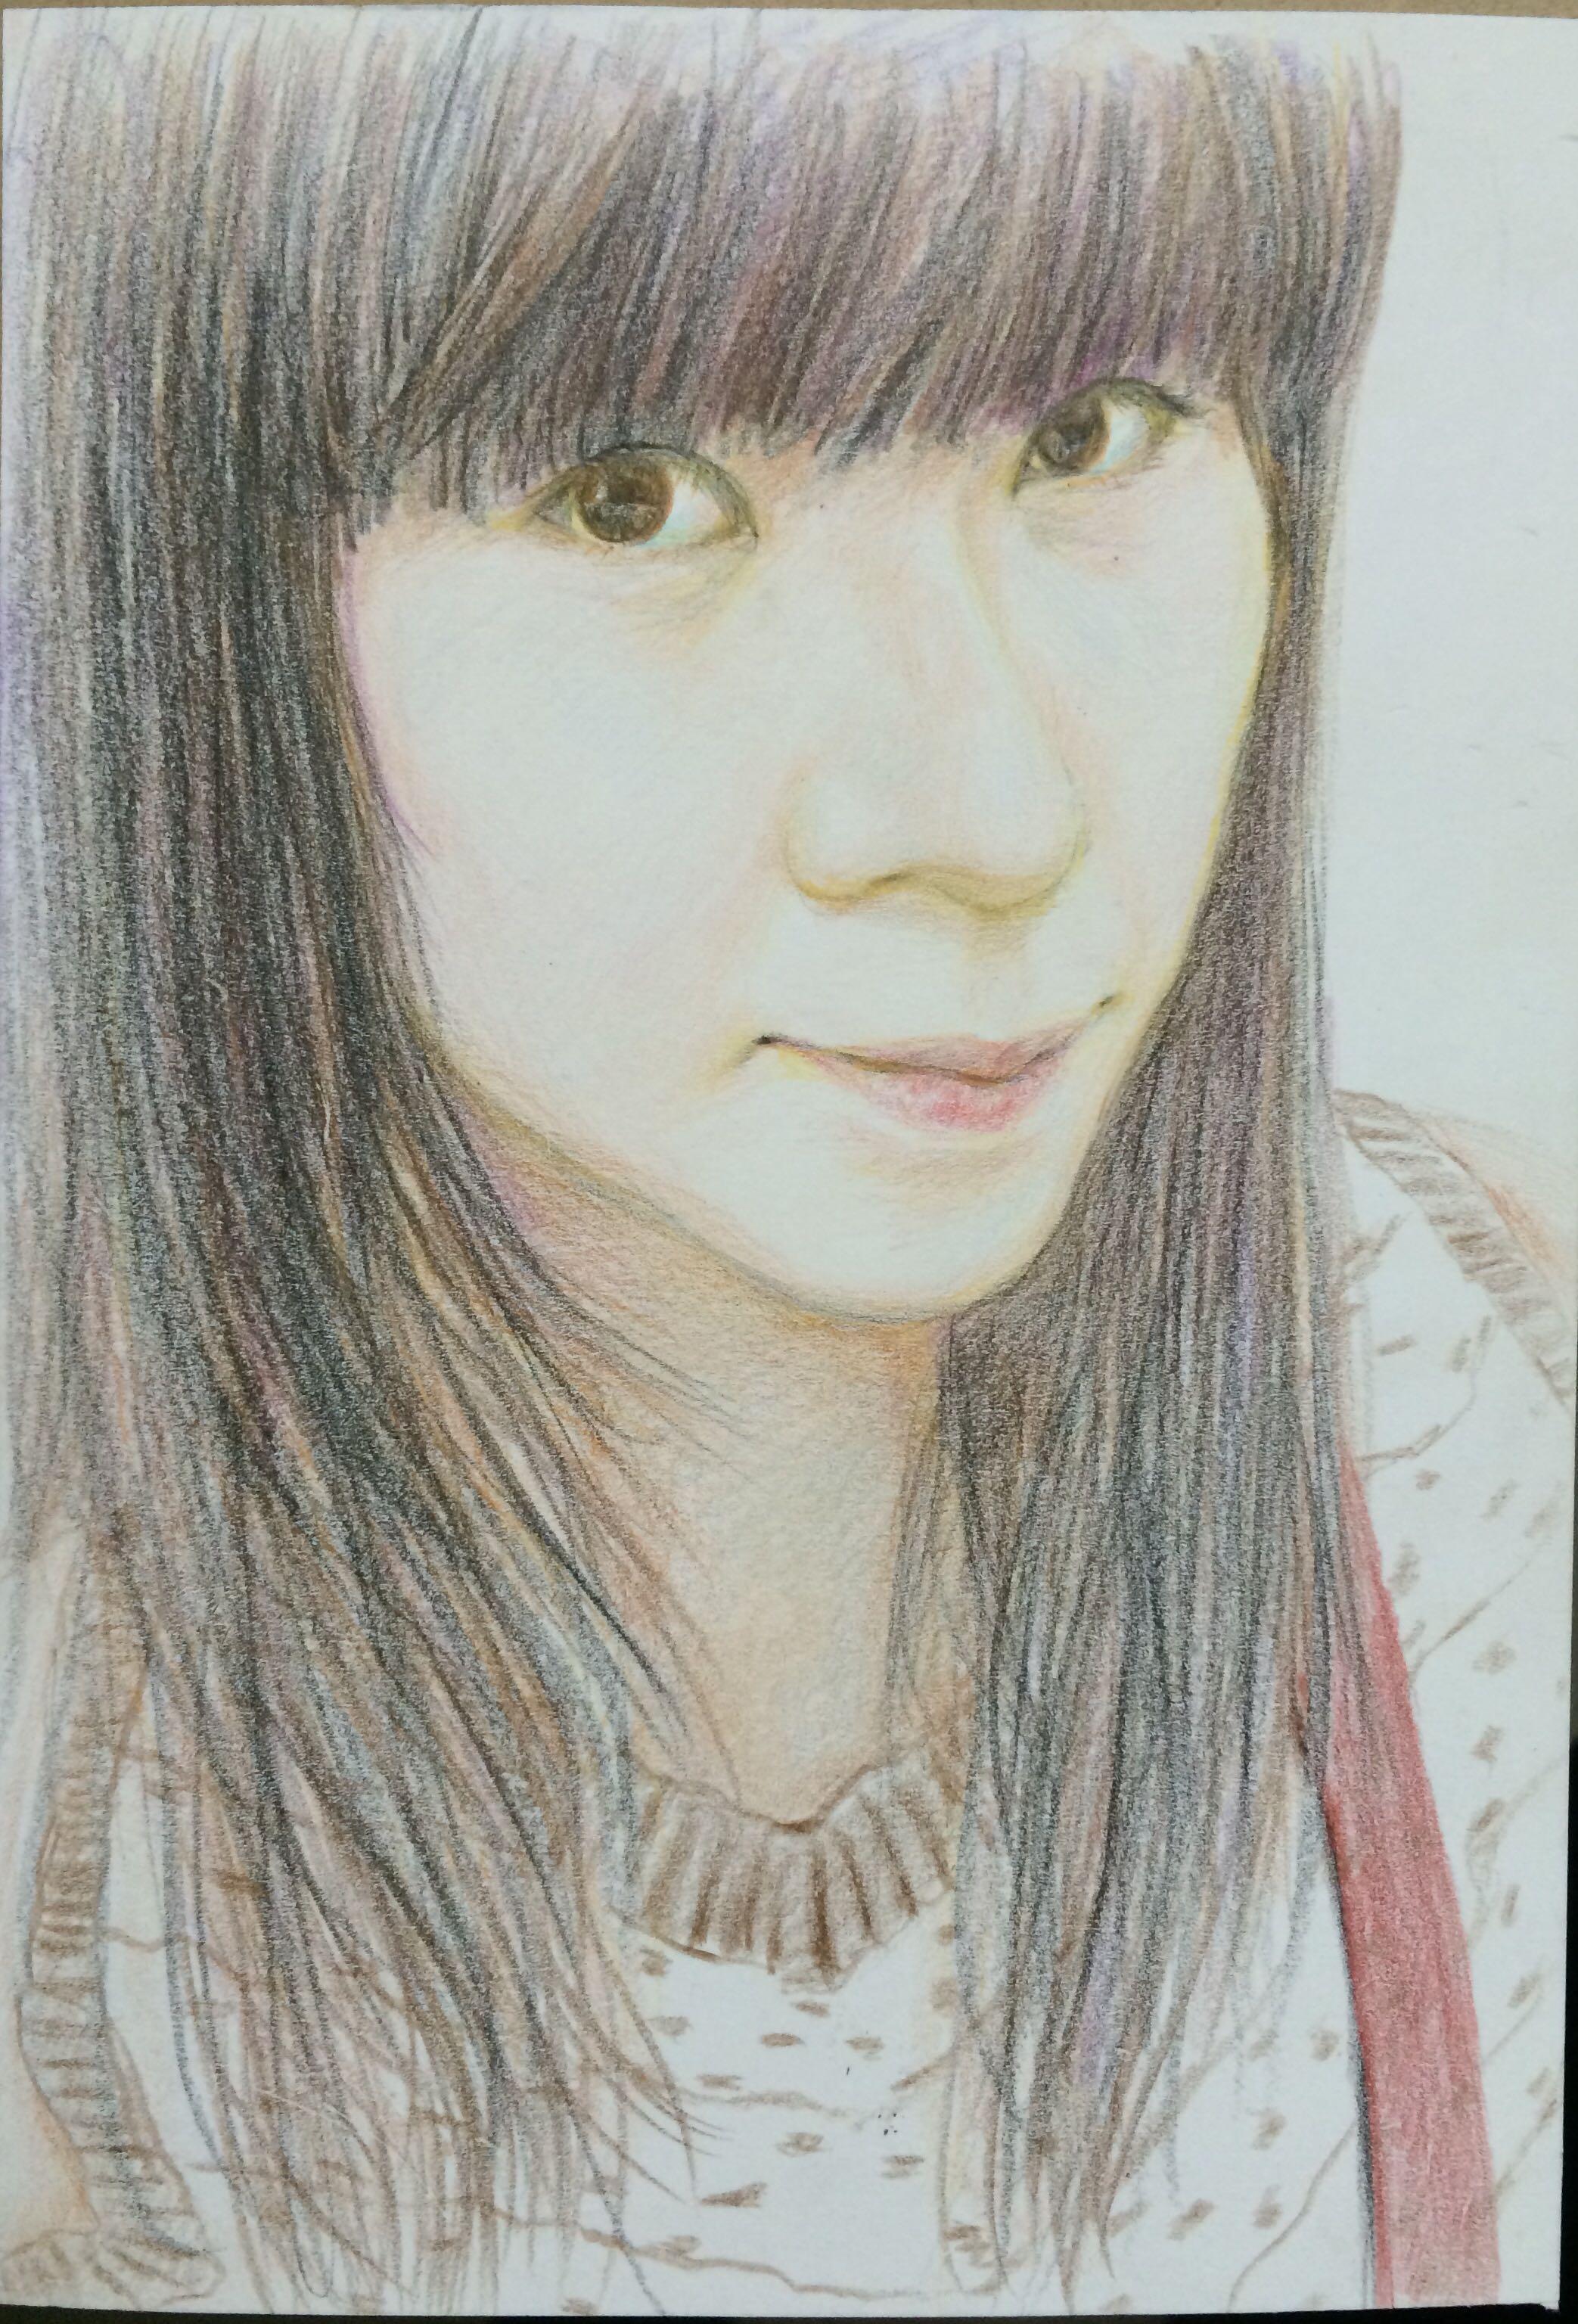 手绘 - Magazine cover